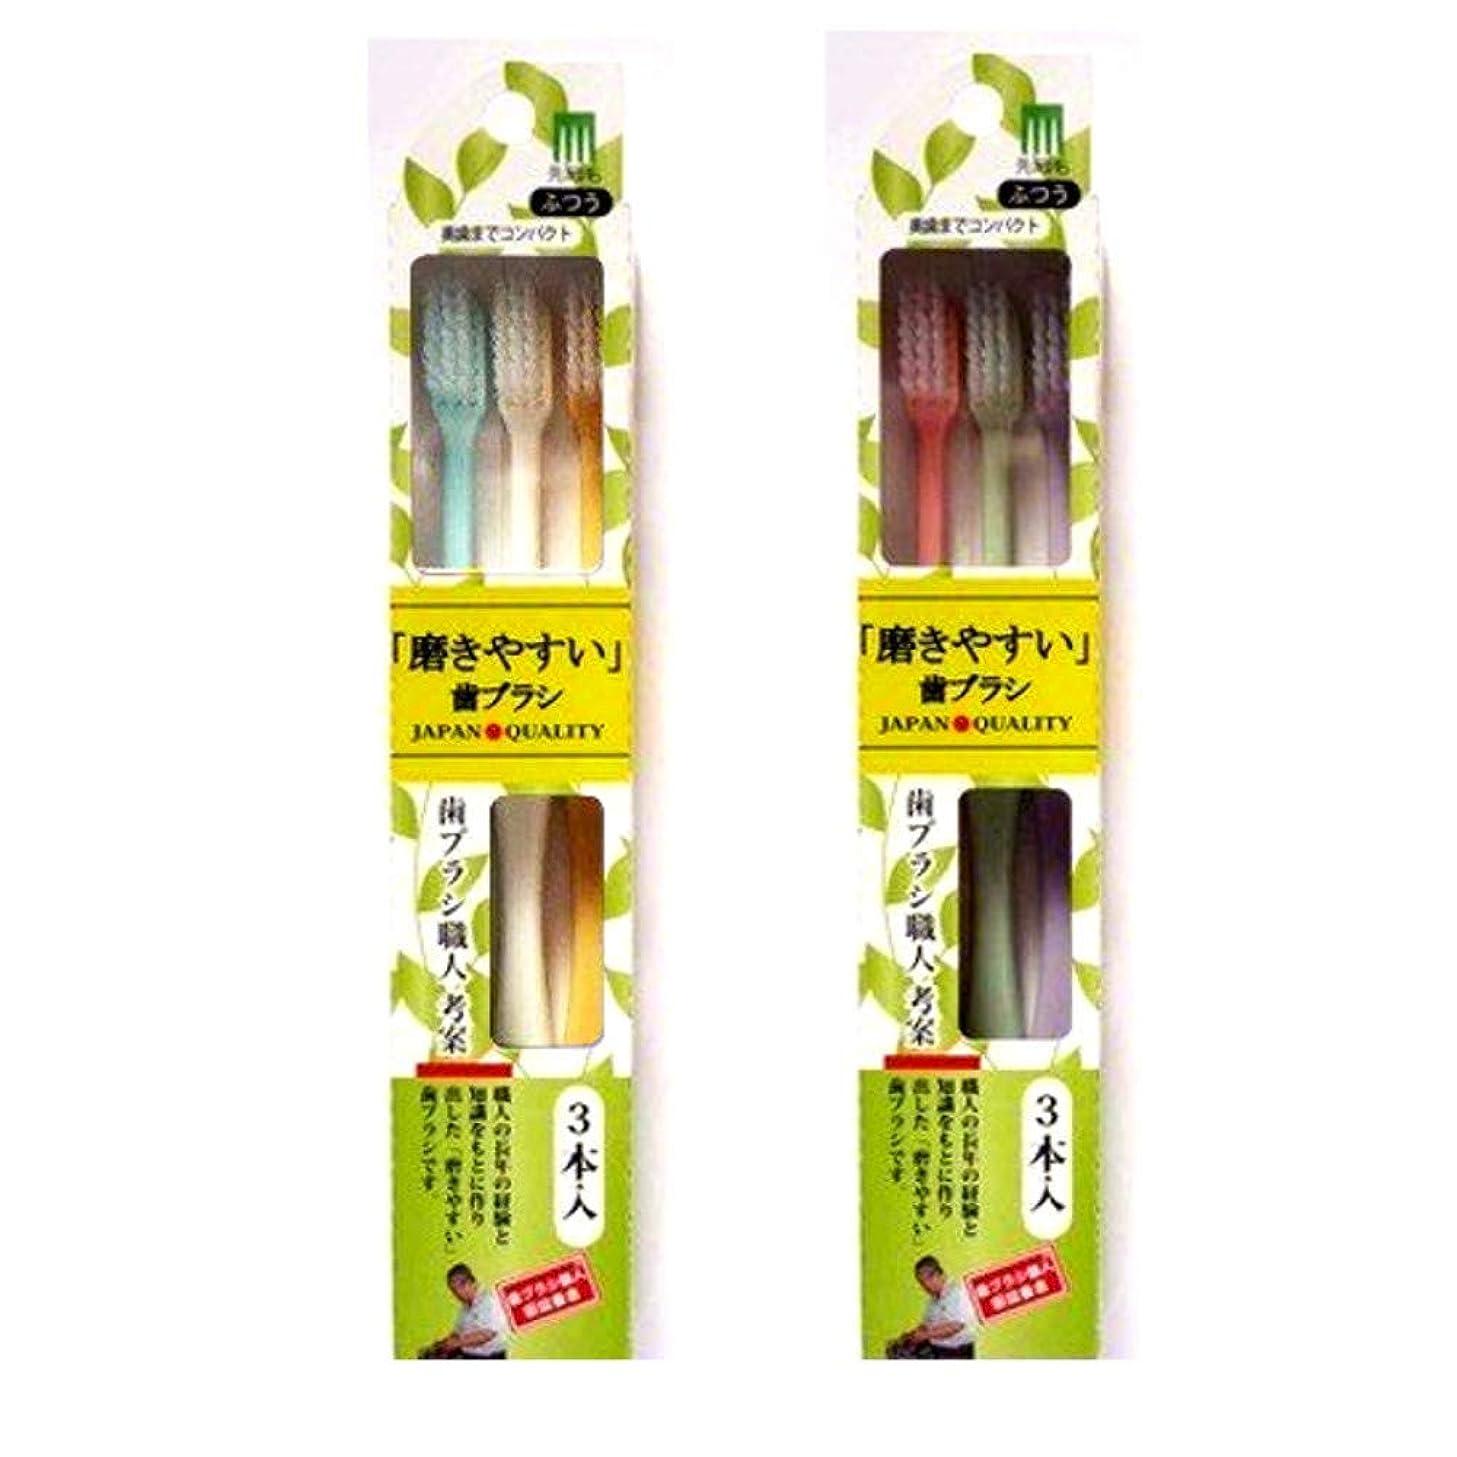 キャンパス半球クルー磨きやすい歯ブラシ (先細毛) 奥までコンパクト3本組 ELT-1 (色選択不可)